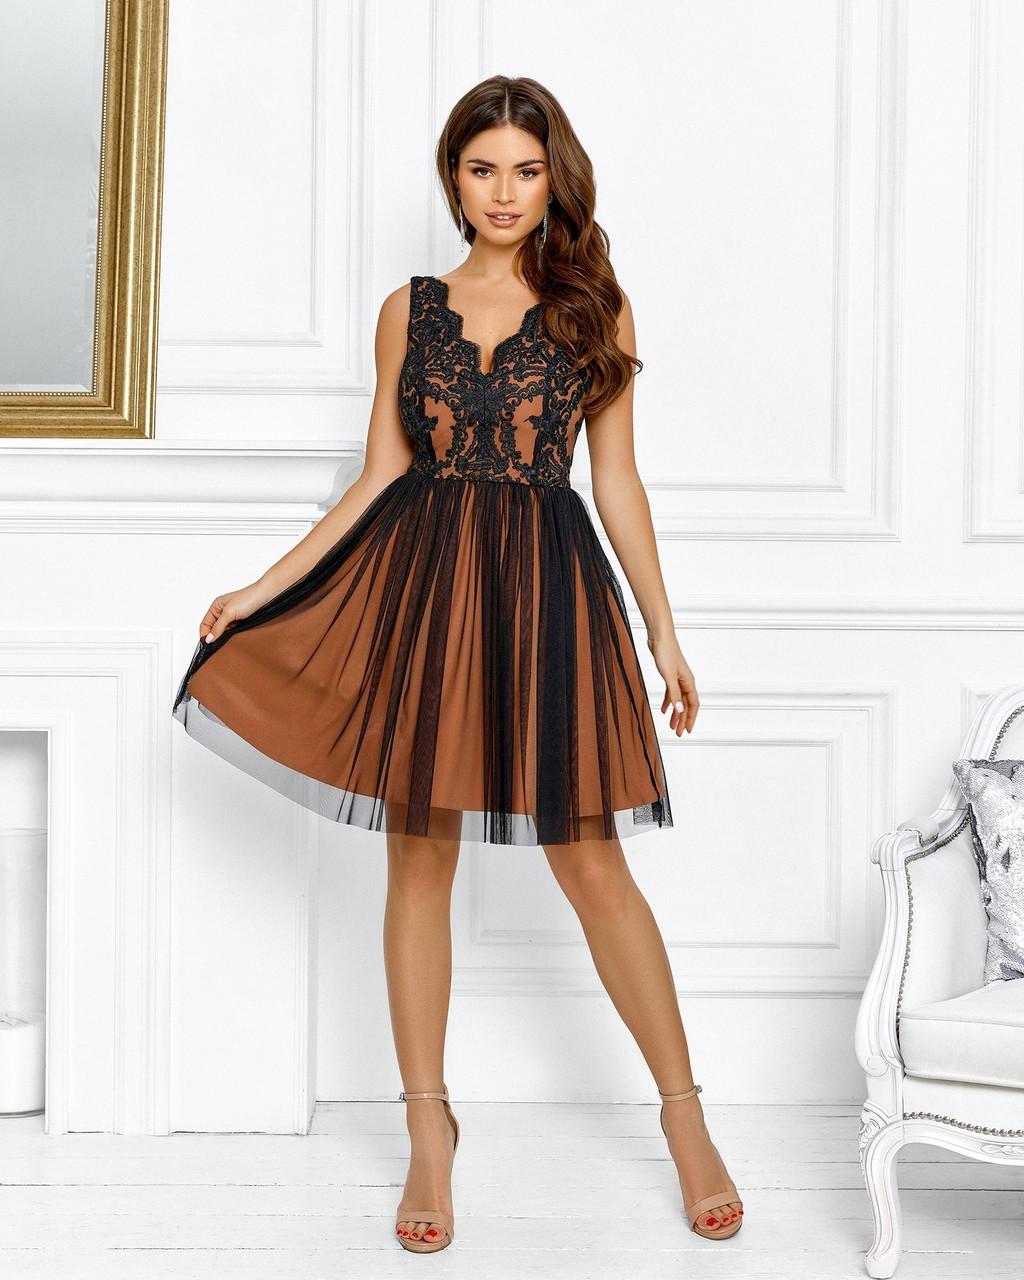 Нарядне ніжне плаття на випускний в ляльковому стилі, 00635 (Бежевий), Розмір 44 (M)